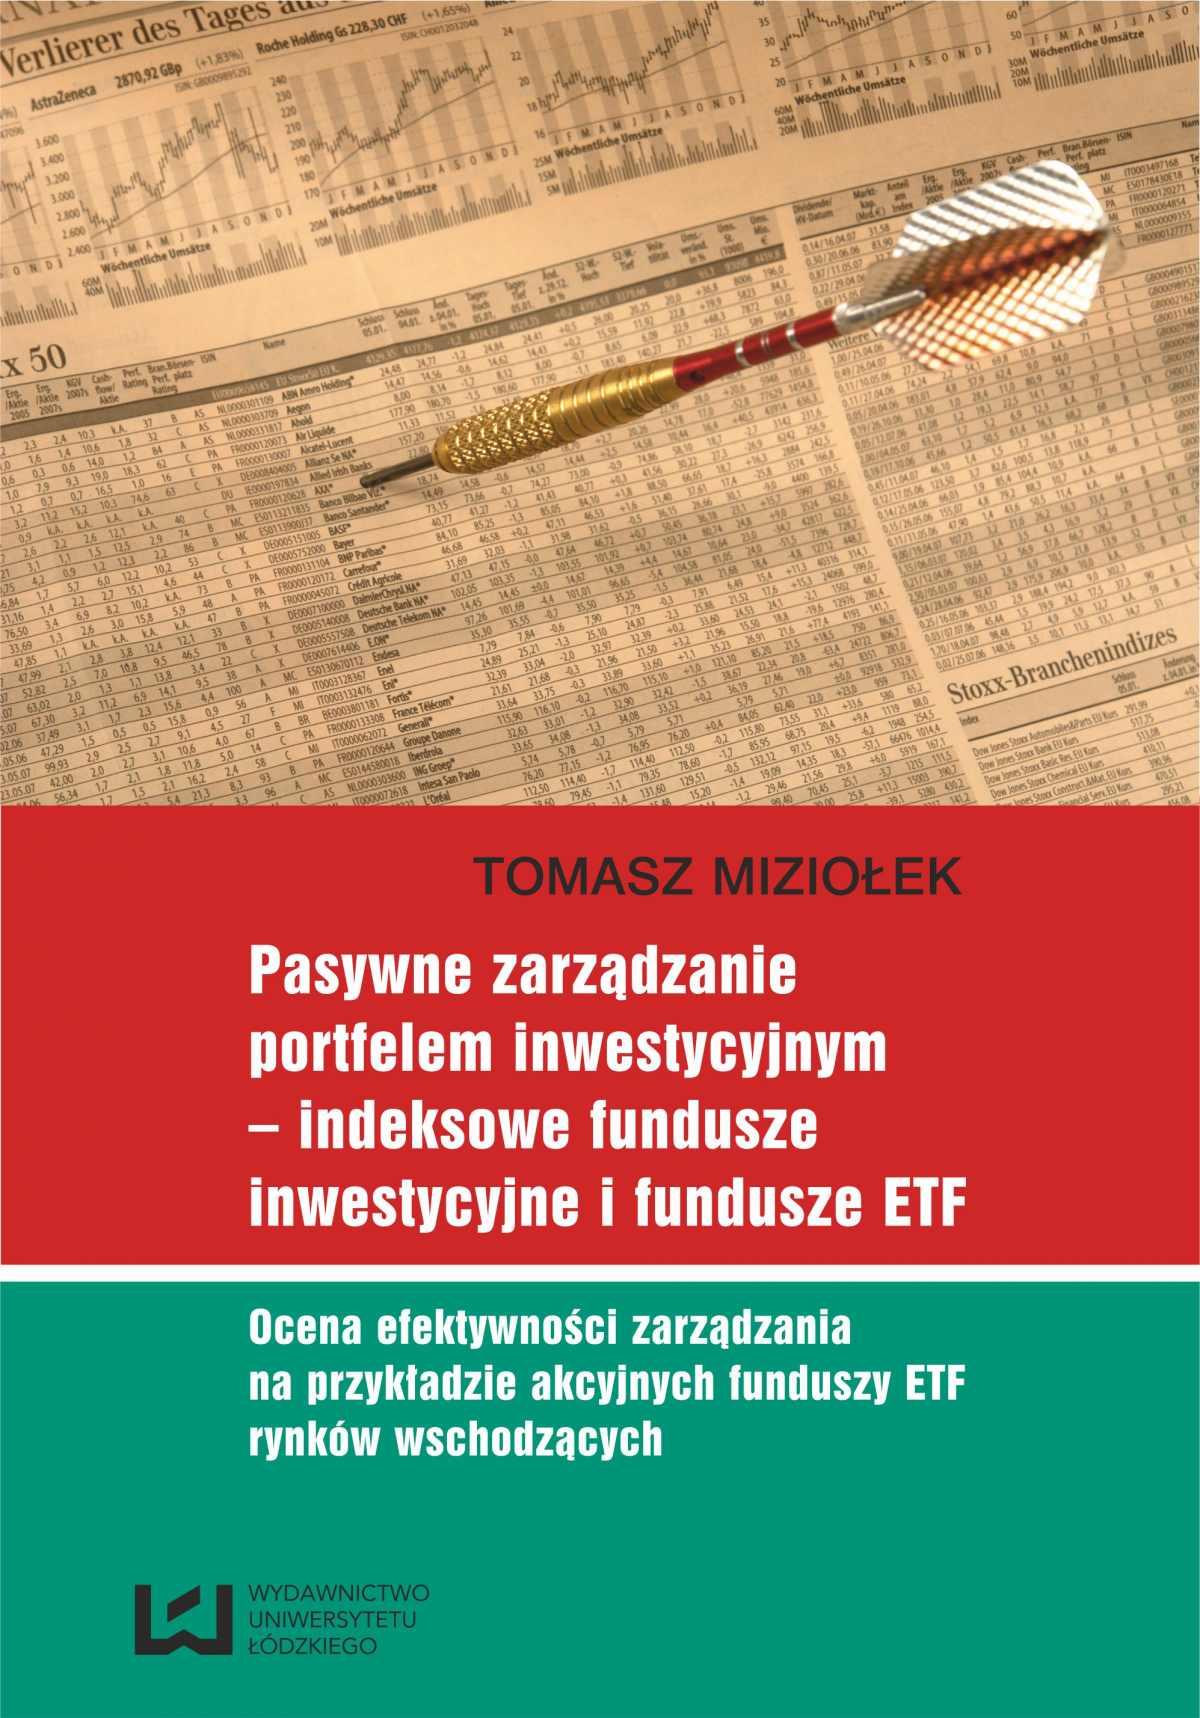 Pasywne zarządzanie portfelem inwestycyjnym – indeksowe fundusze inwestycyjne i fundusze ETF. Ocena efektywności zarządzania na przykładzie akcyjnych funduszy ETF rynków wschodzących - Ebook (Książka PDF) do pobrania w formacie PDF